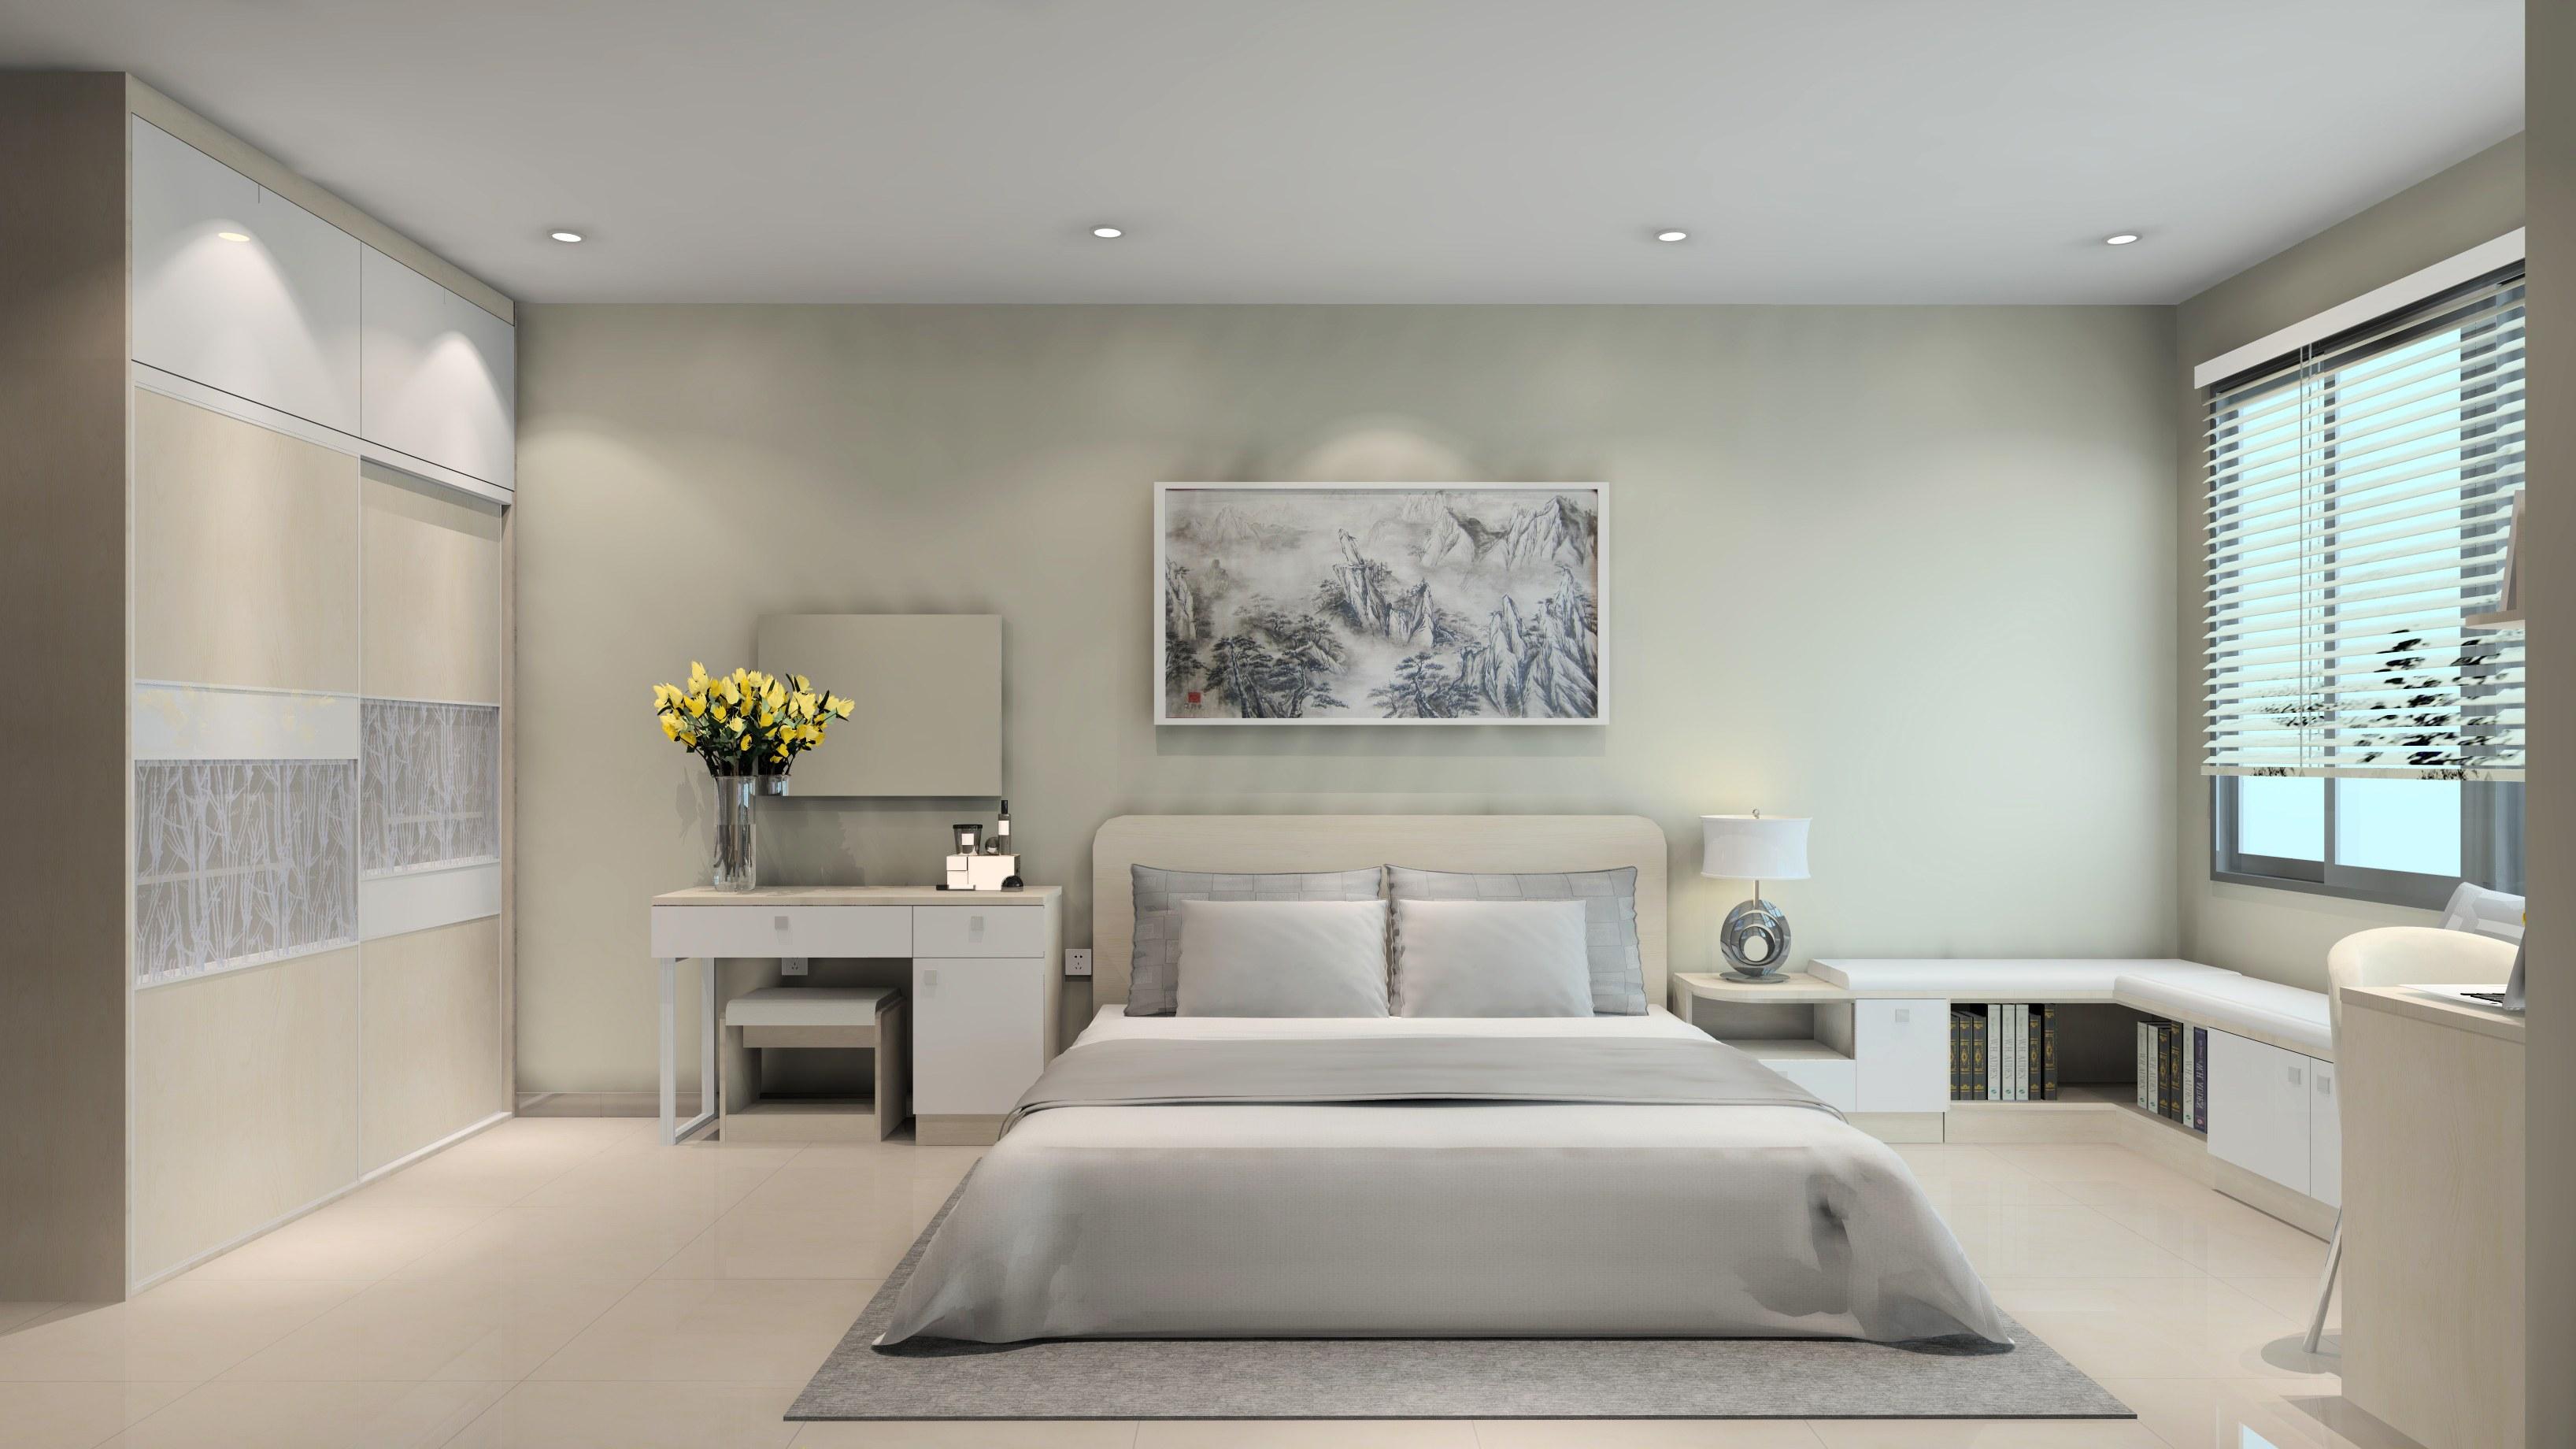 Ý tưởng thiết kế nội thất phòng ngủ diện tích 15m² với tổng chi phí 20 triệu đồng - Ảnh 10.